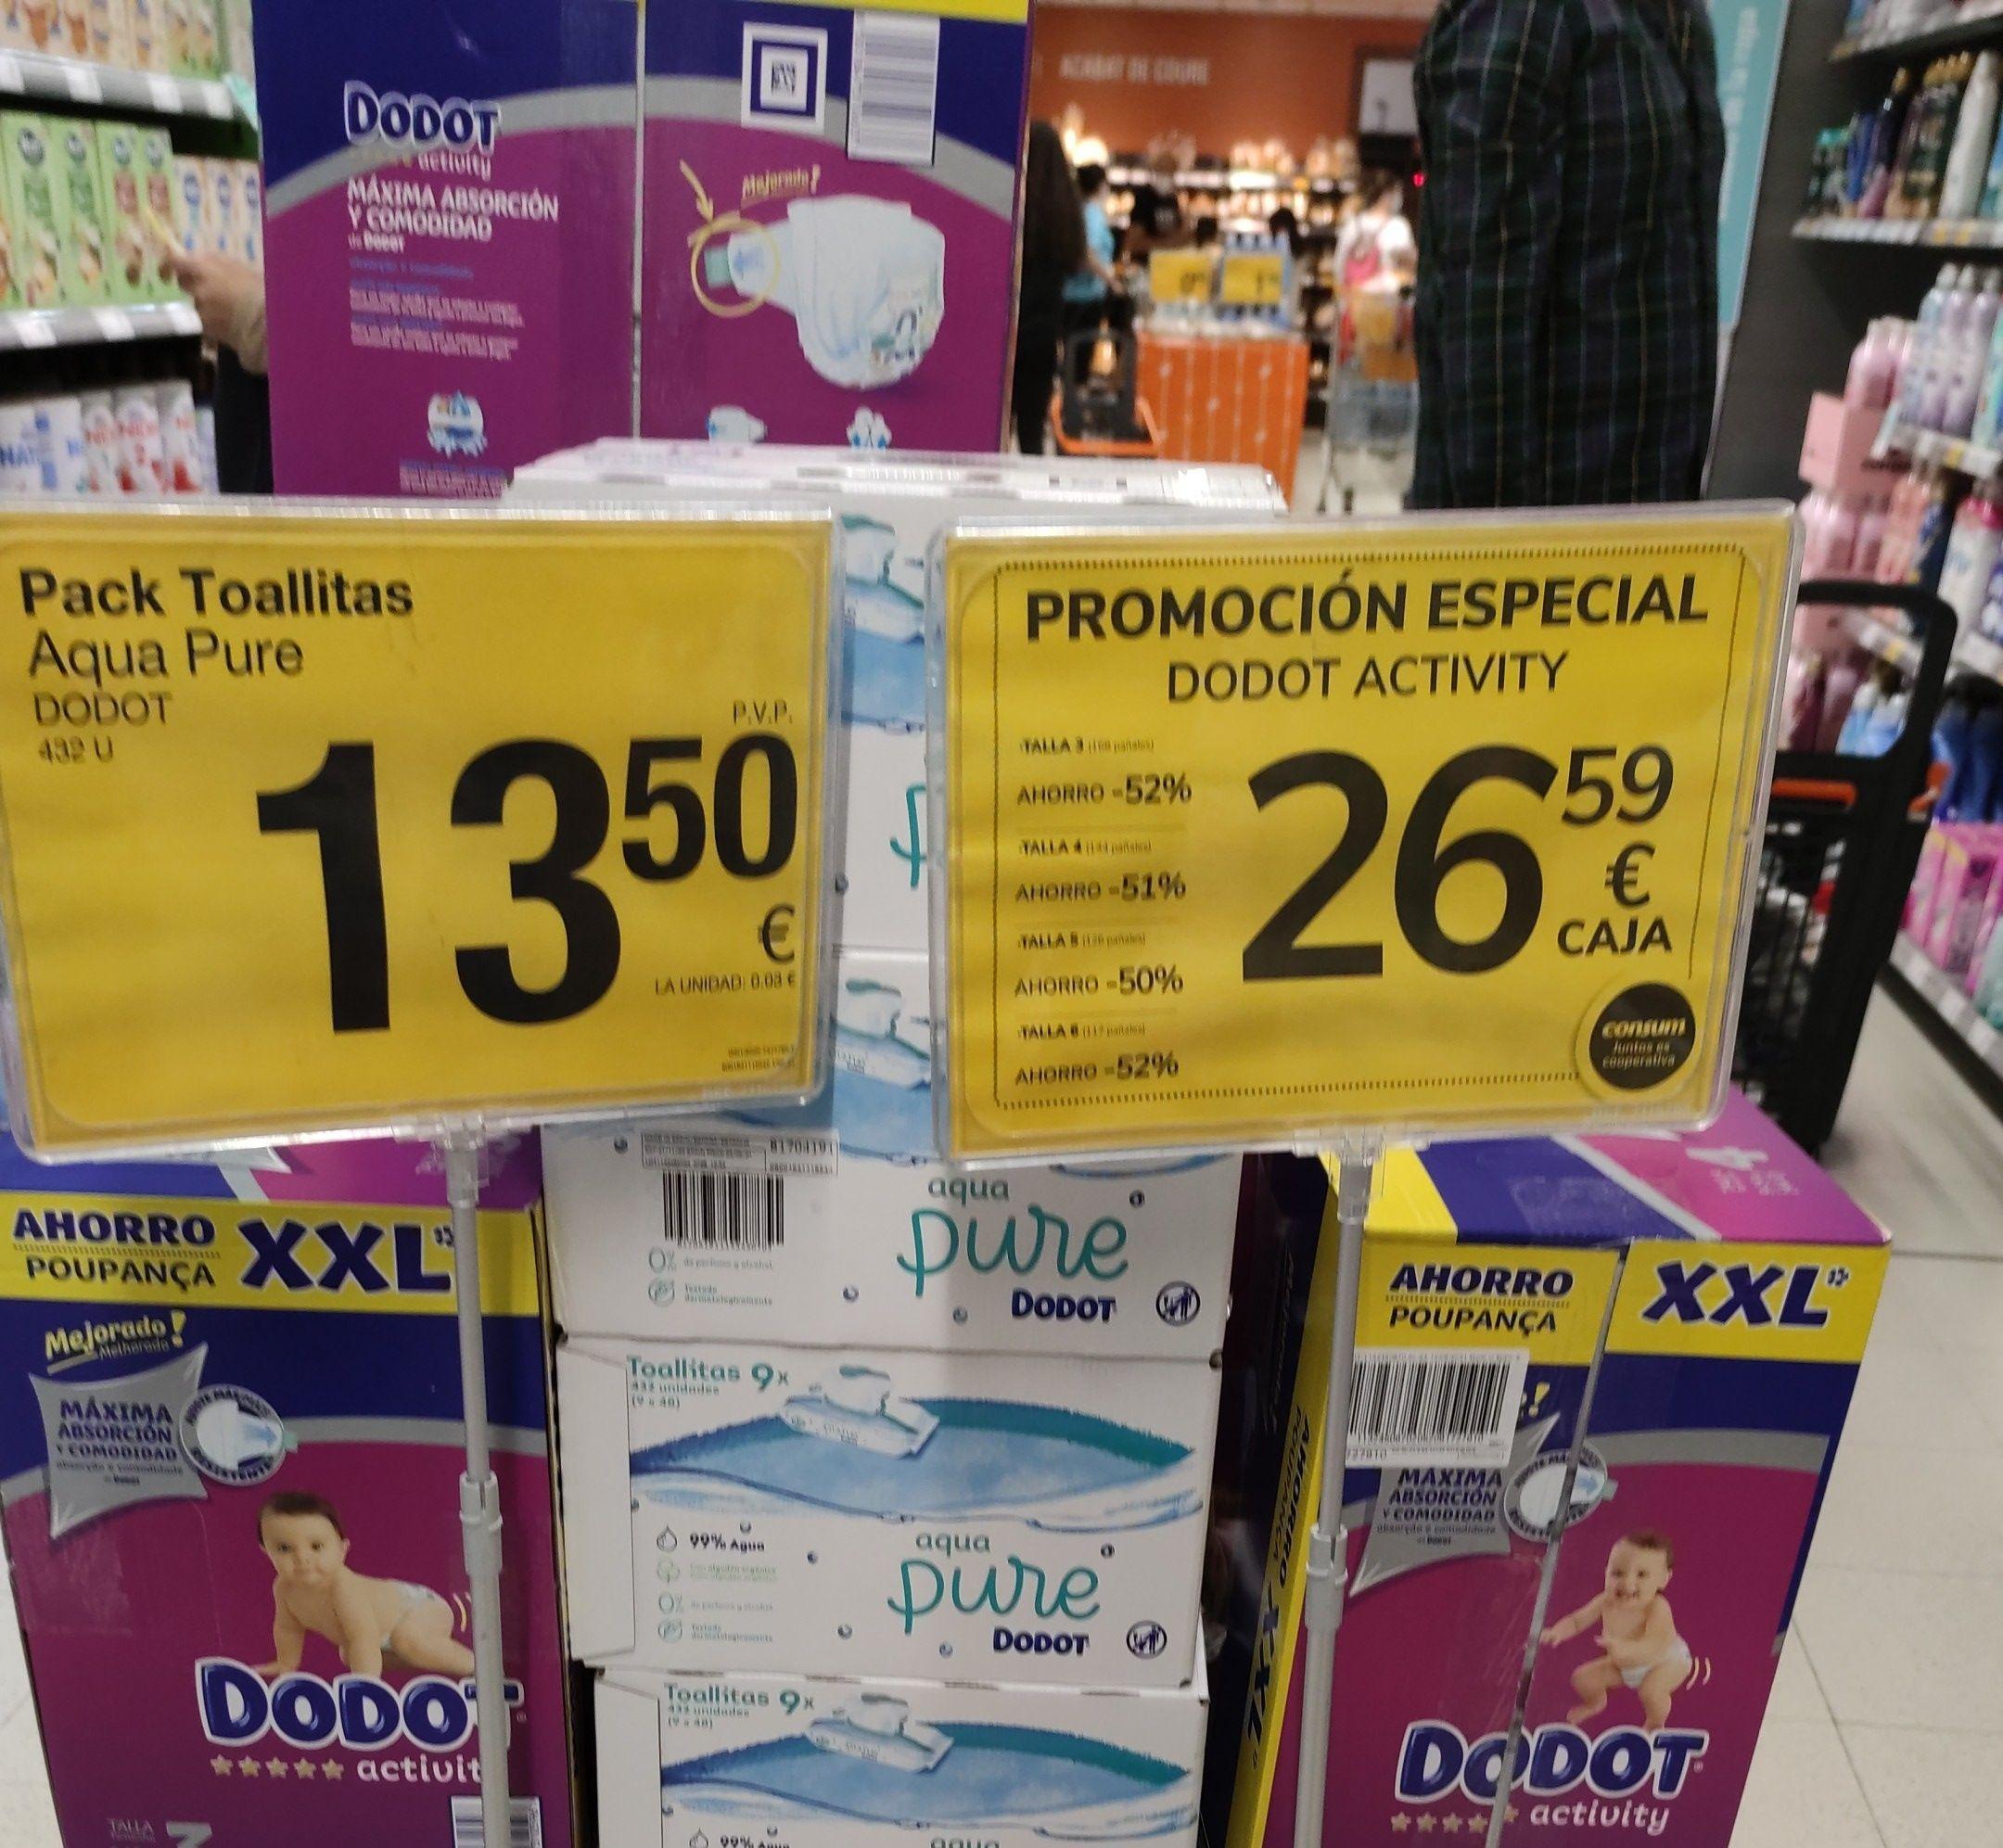 Paquete de pañales Dodot Activity XXL 26'59 euros